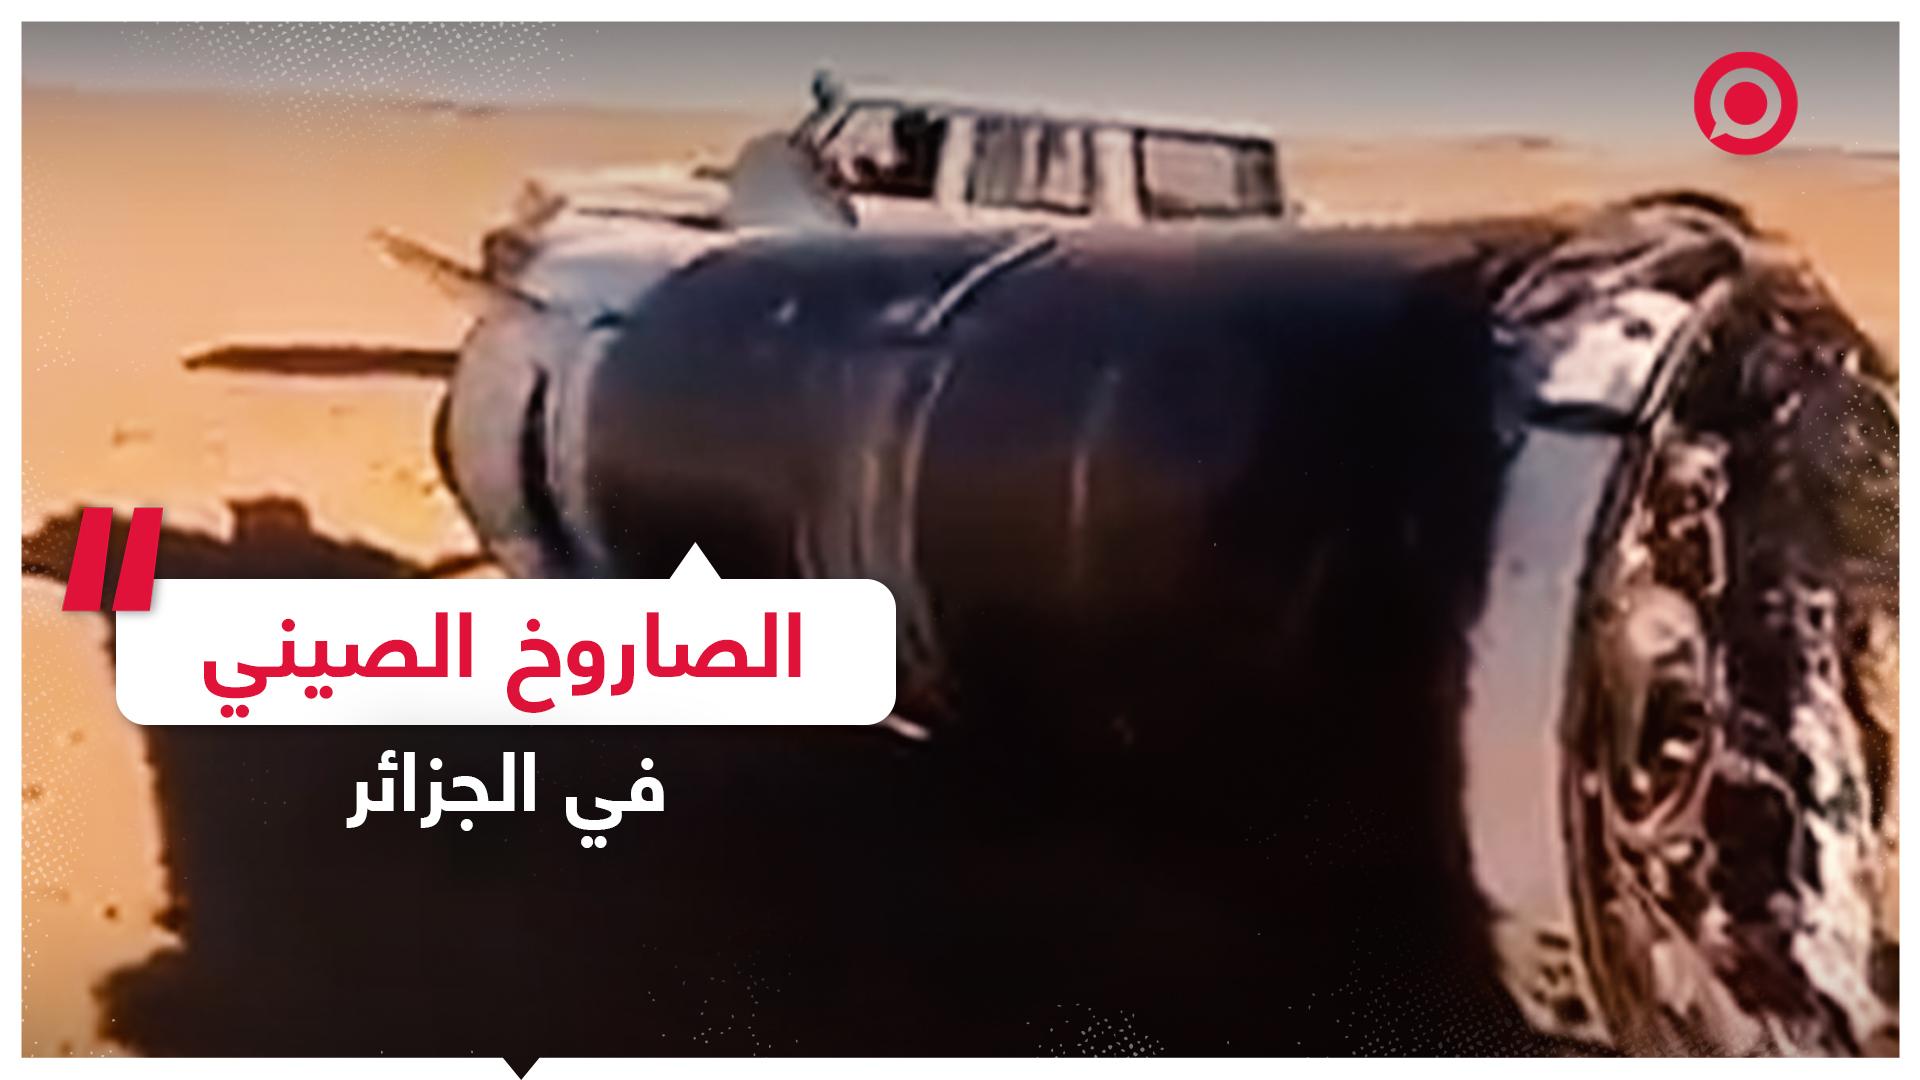 الصاروخ الصيني في الجزائر